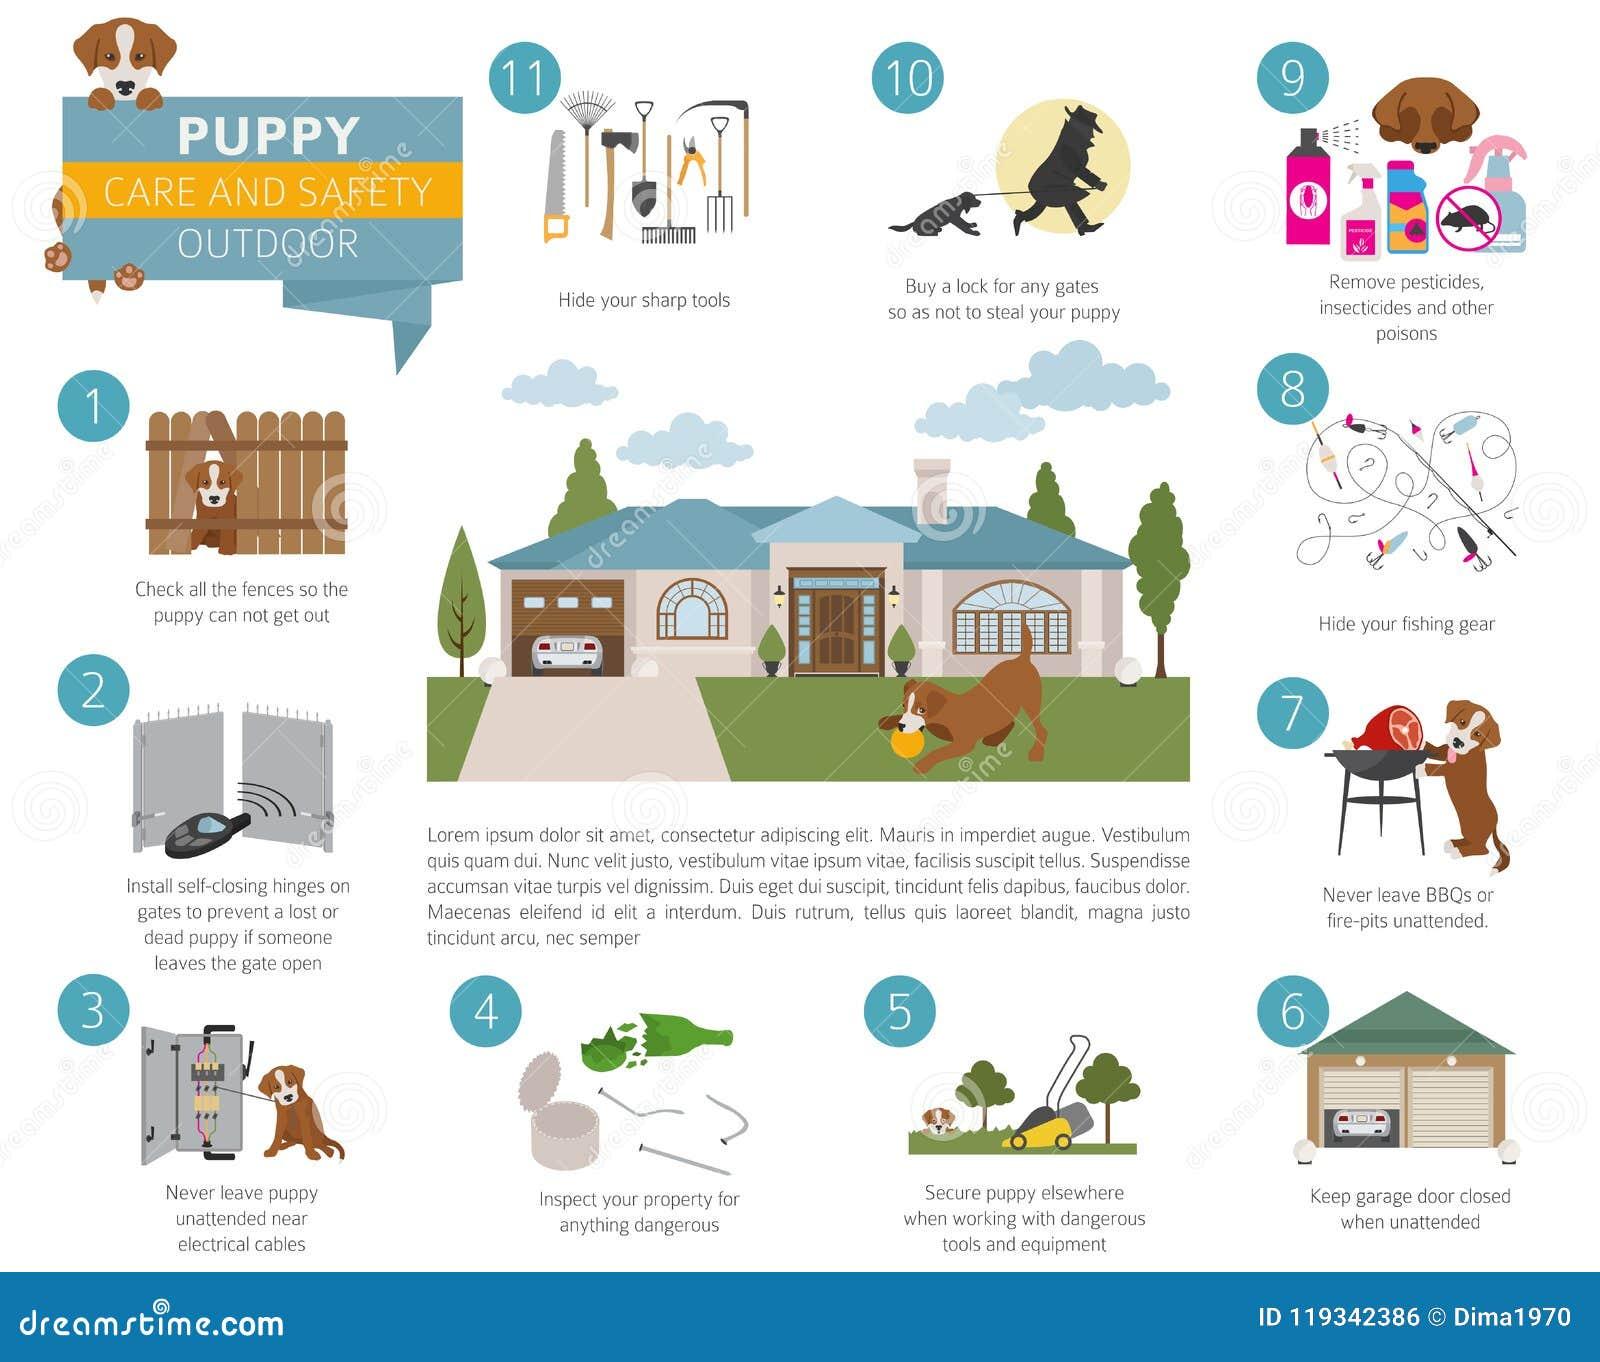 Cuidado y seguridad del perrito en su hogar outdoor Entrenamiento del perro casero adentro